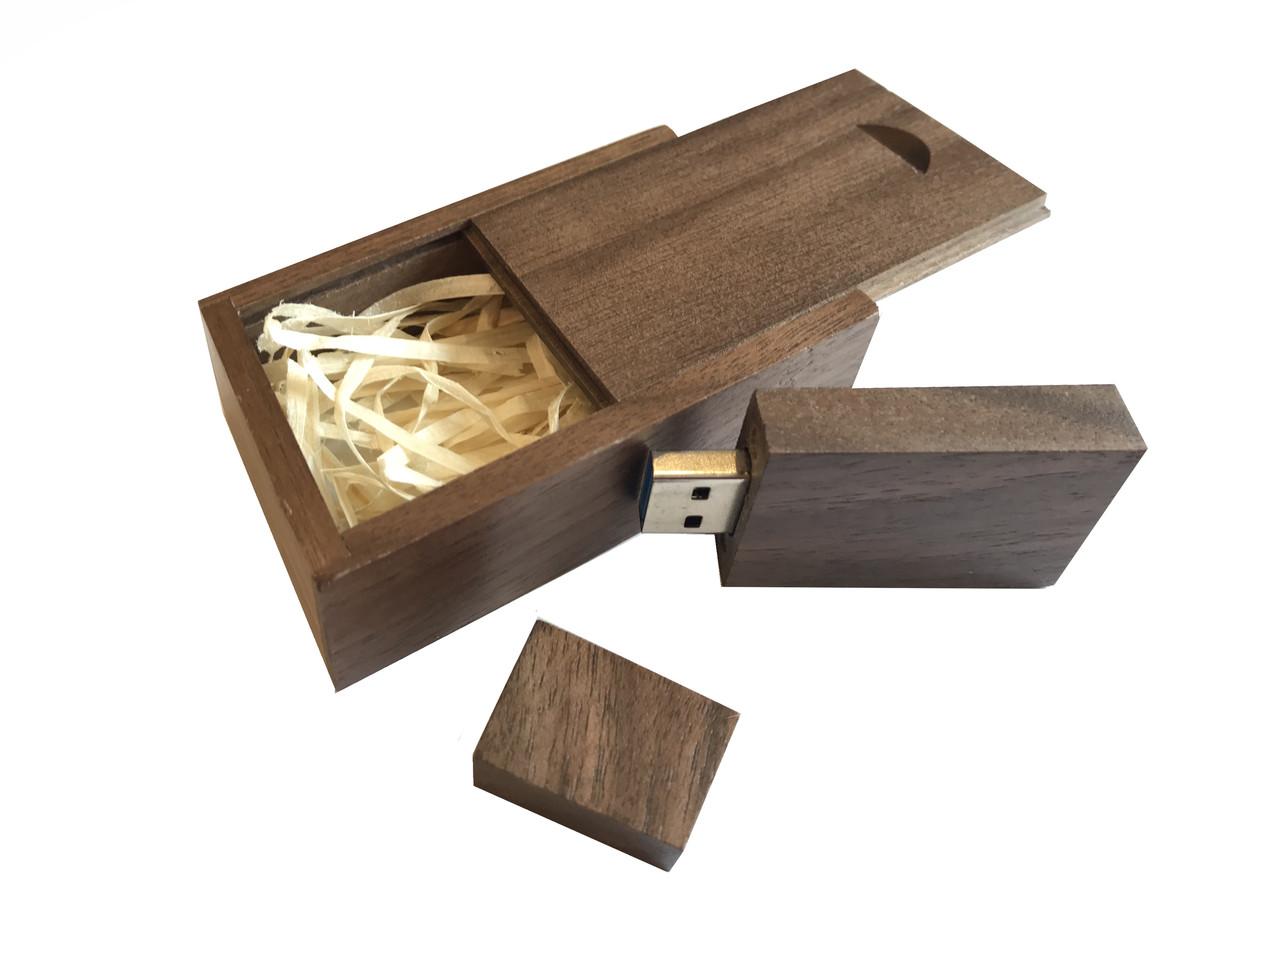 Флешка SUNROZ Wooden USB Flash Drive деревяный флеш накопитель в коробке 32 Gb USB 3.0 Темное дерево (SUN0822)